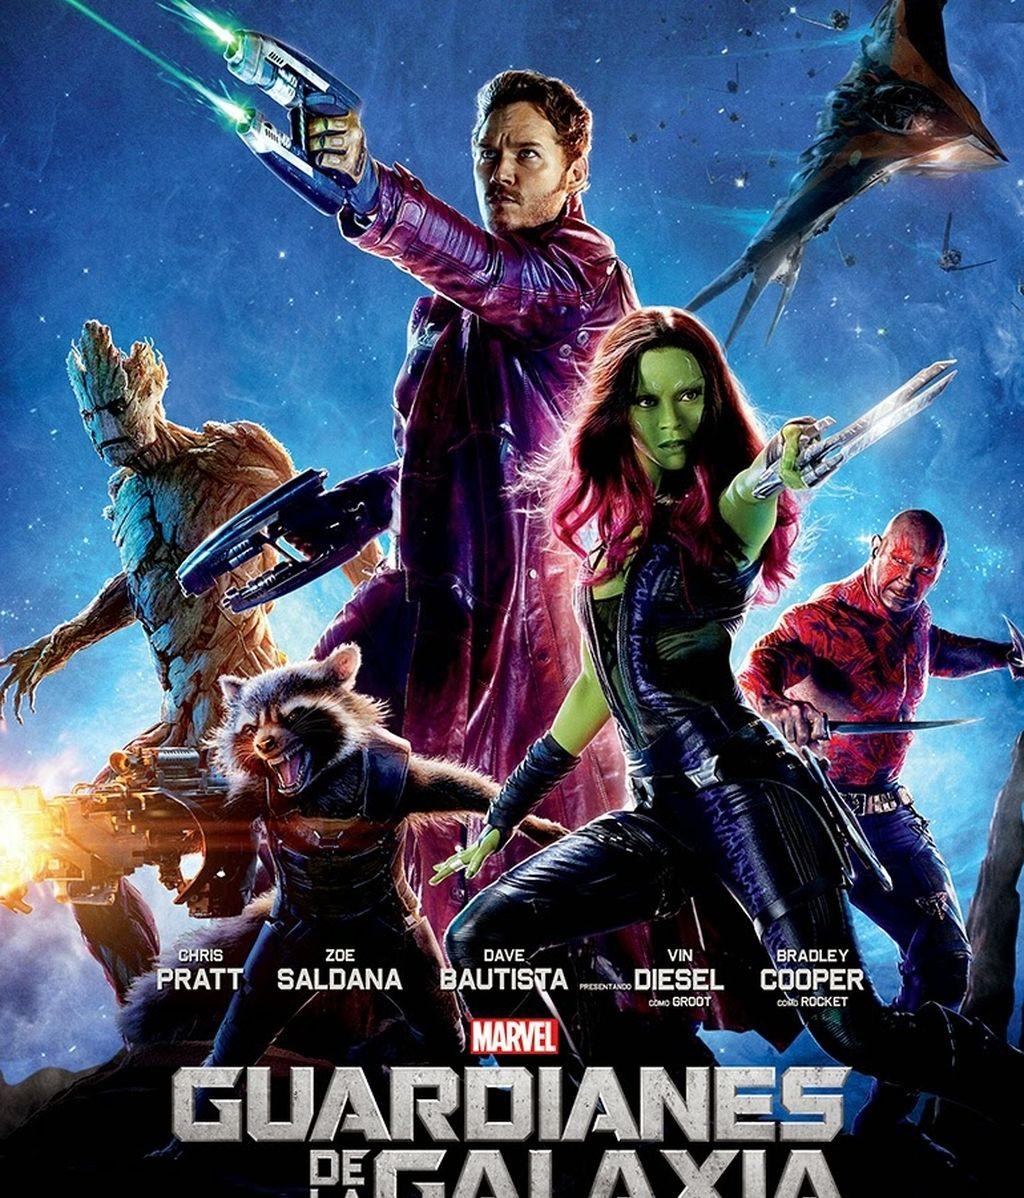 2. Guardianes de la galaxia